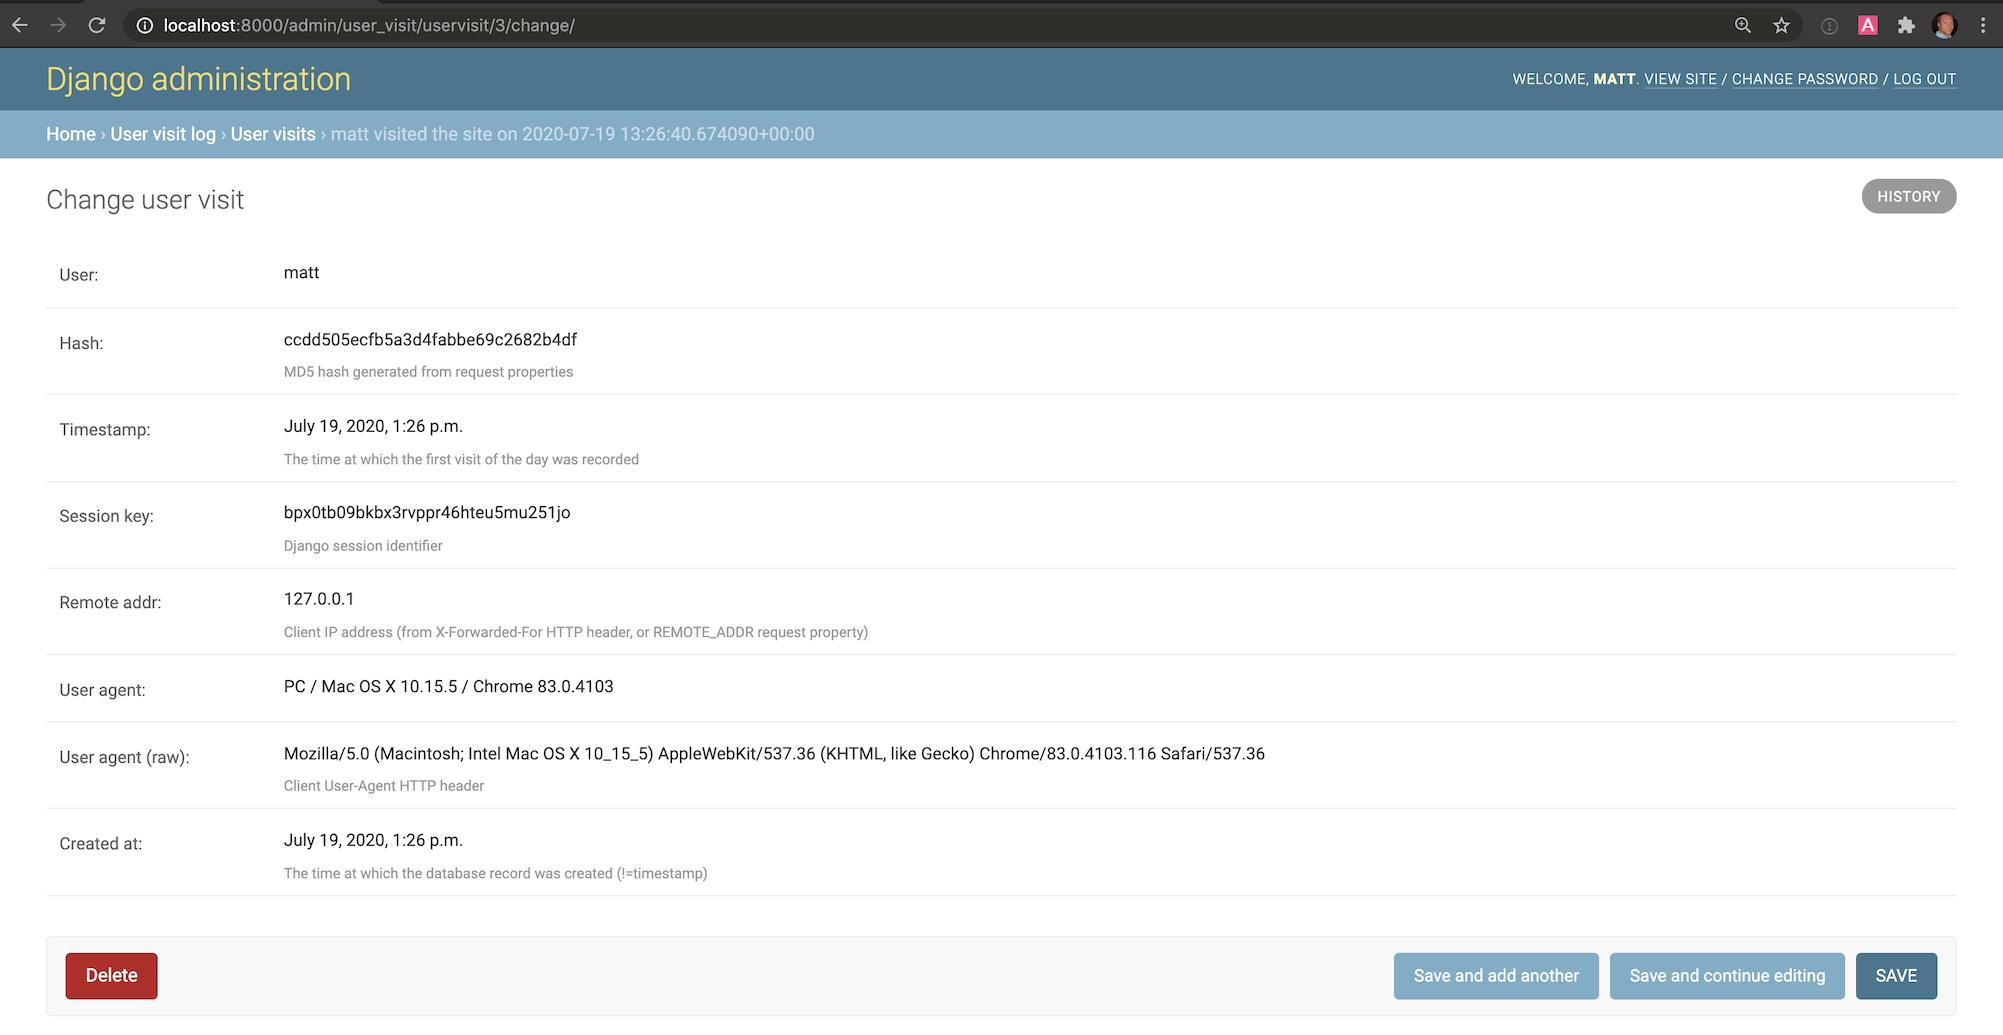 django-user-visit страница сведений в админке Django.